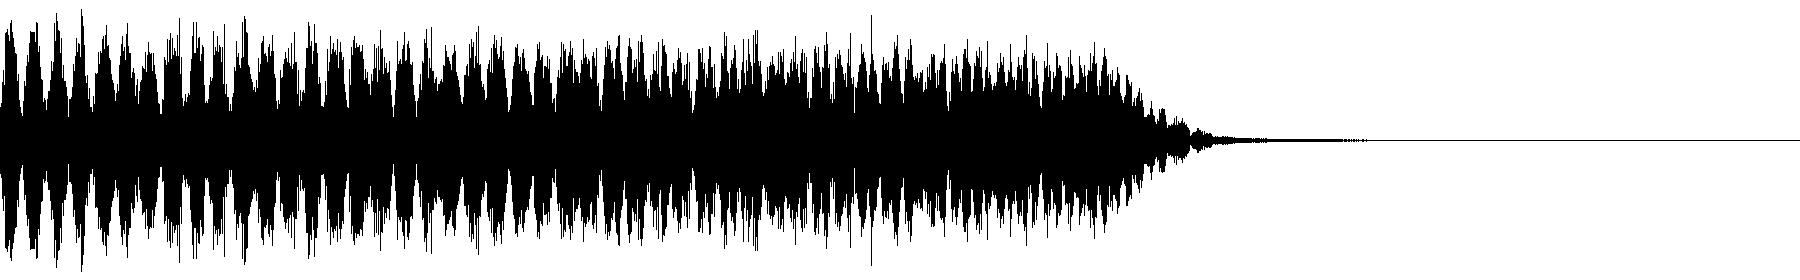 ehp sfx ghostnoise